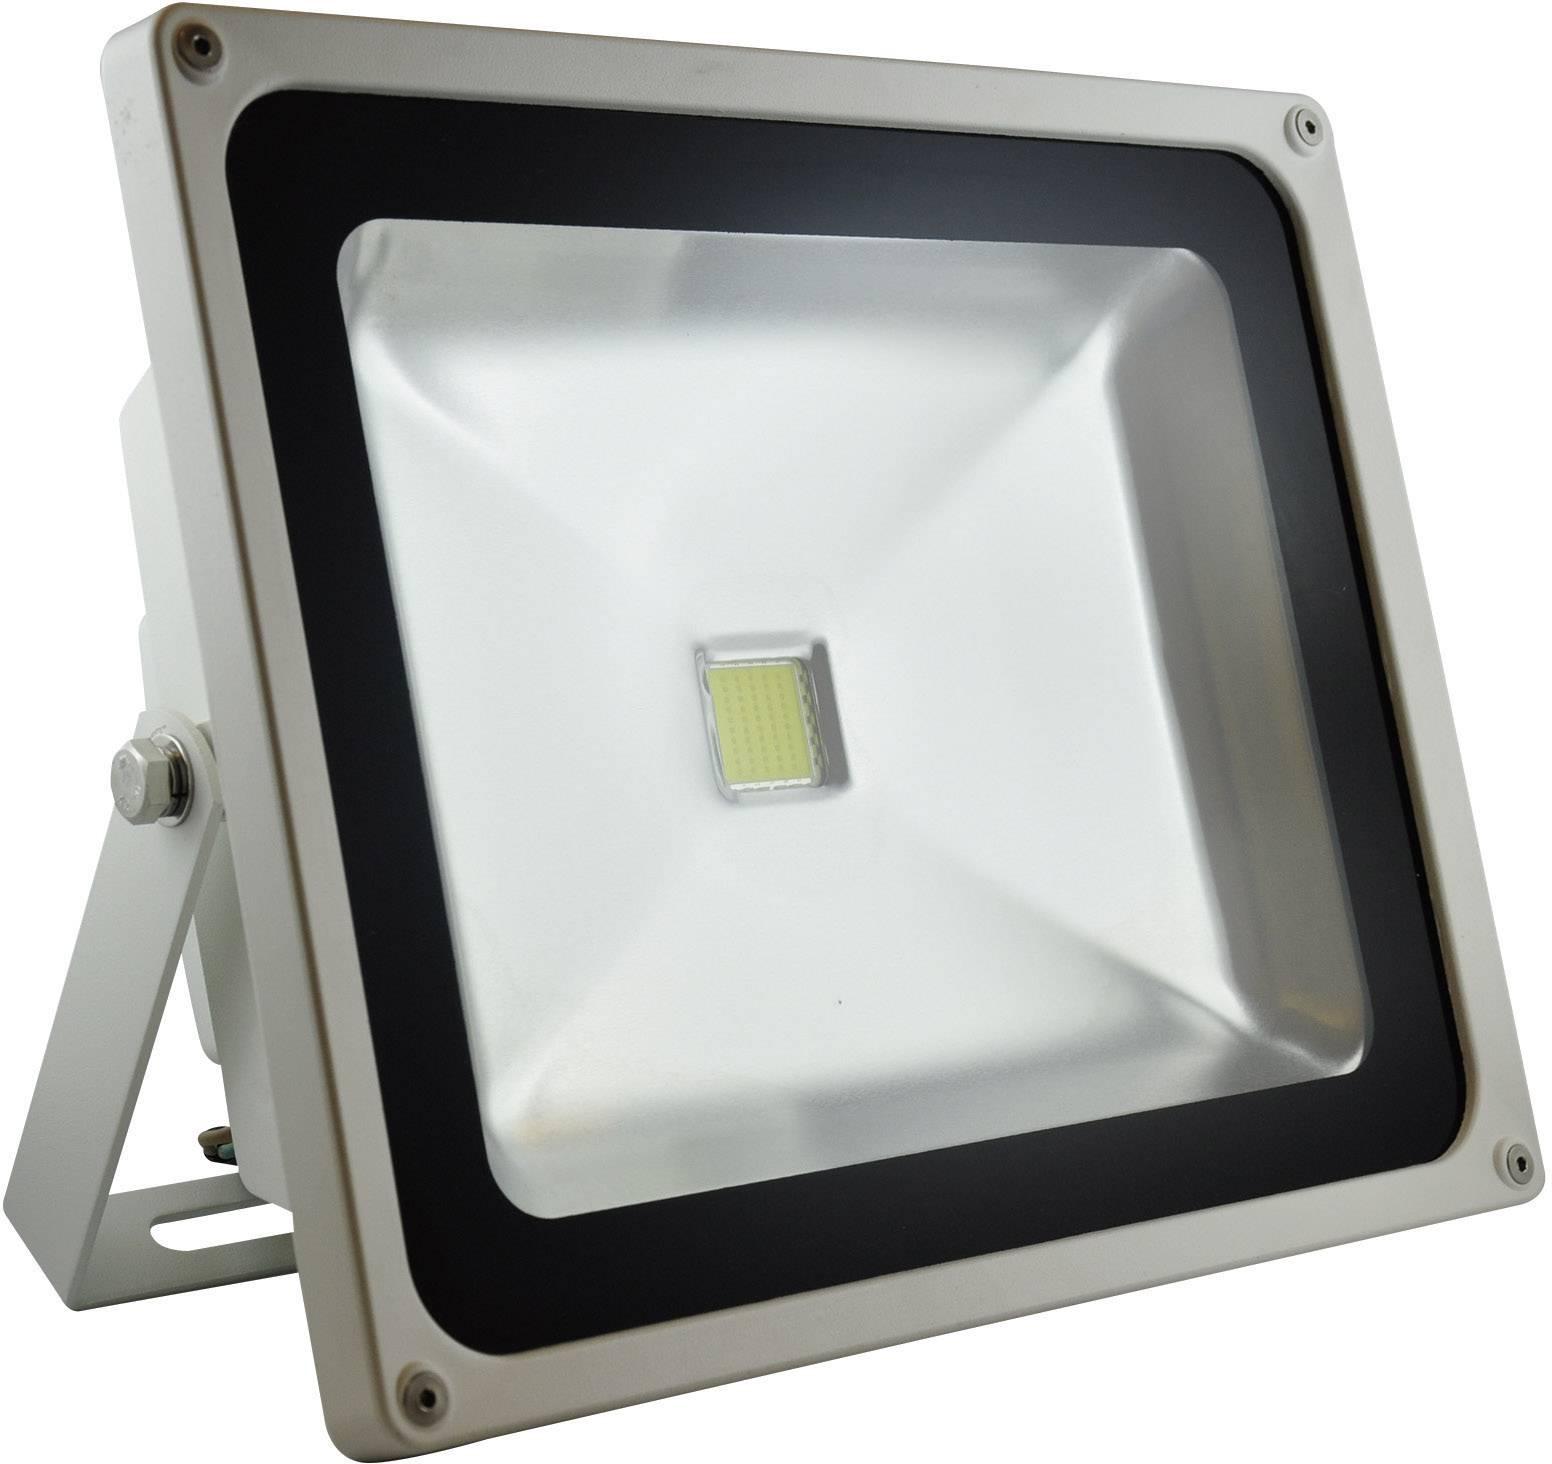 LED reflektor Diodóra DIO-FL50N, 50 W, teplá biela